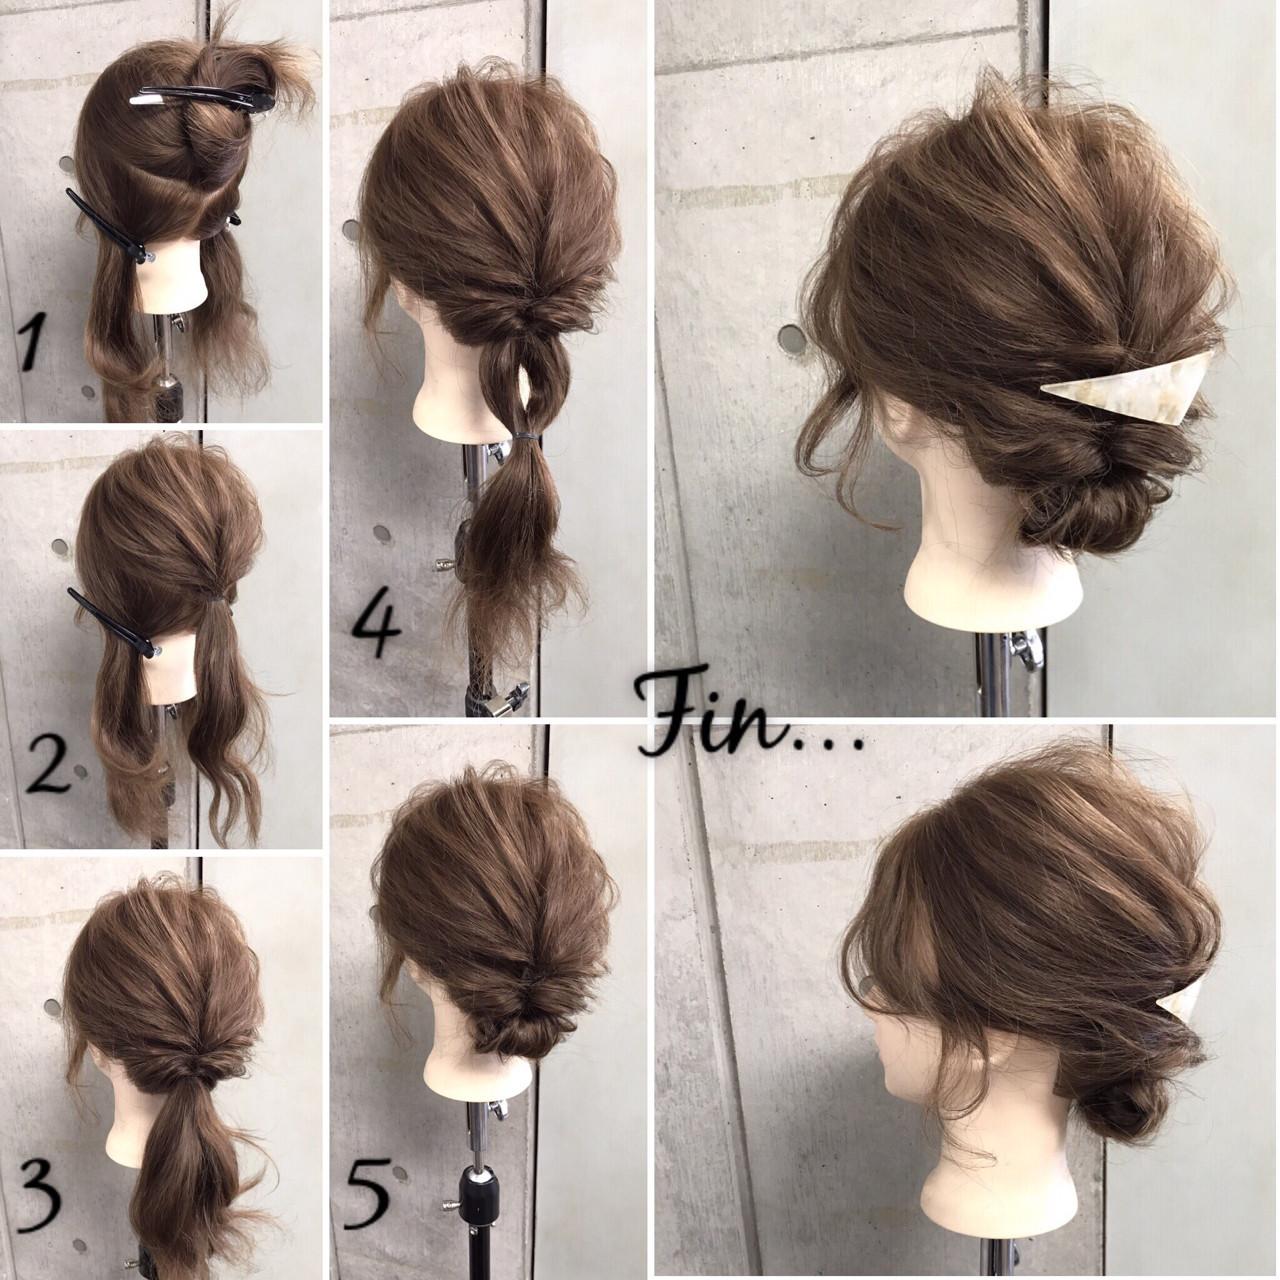 パーティ 大人女子 ヘアアレンジ 簡単 ヘアスタイルや髪型の写真・画像